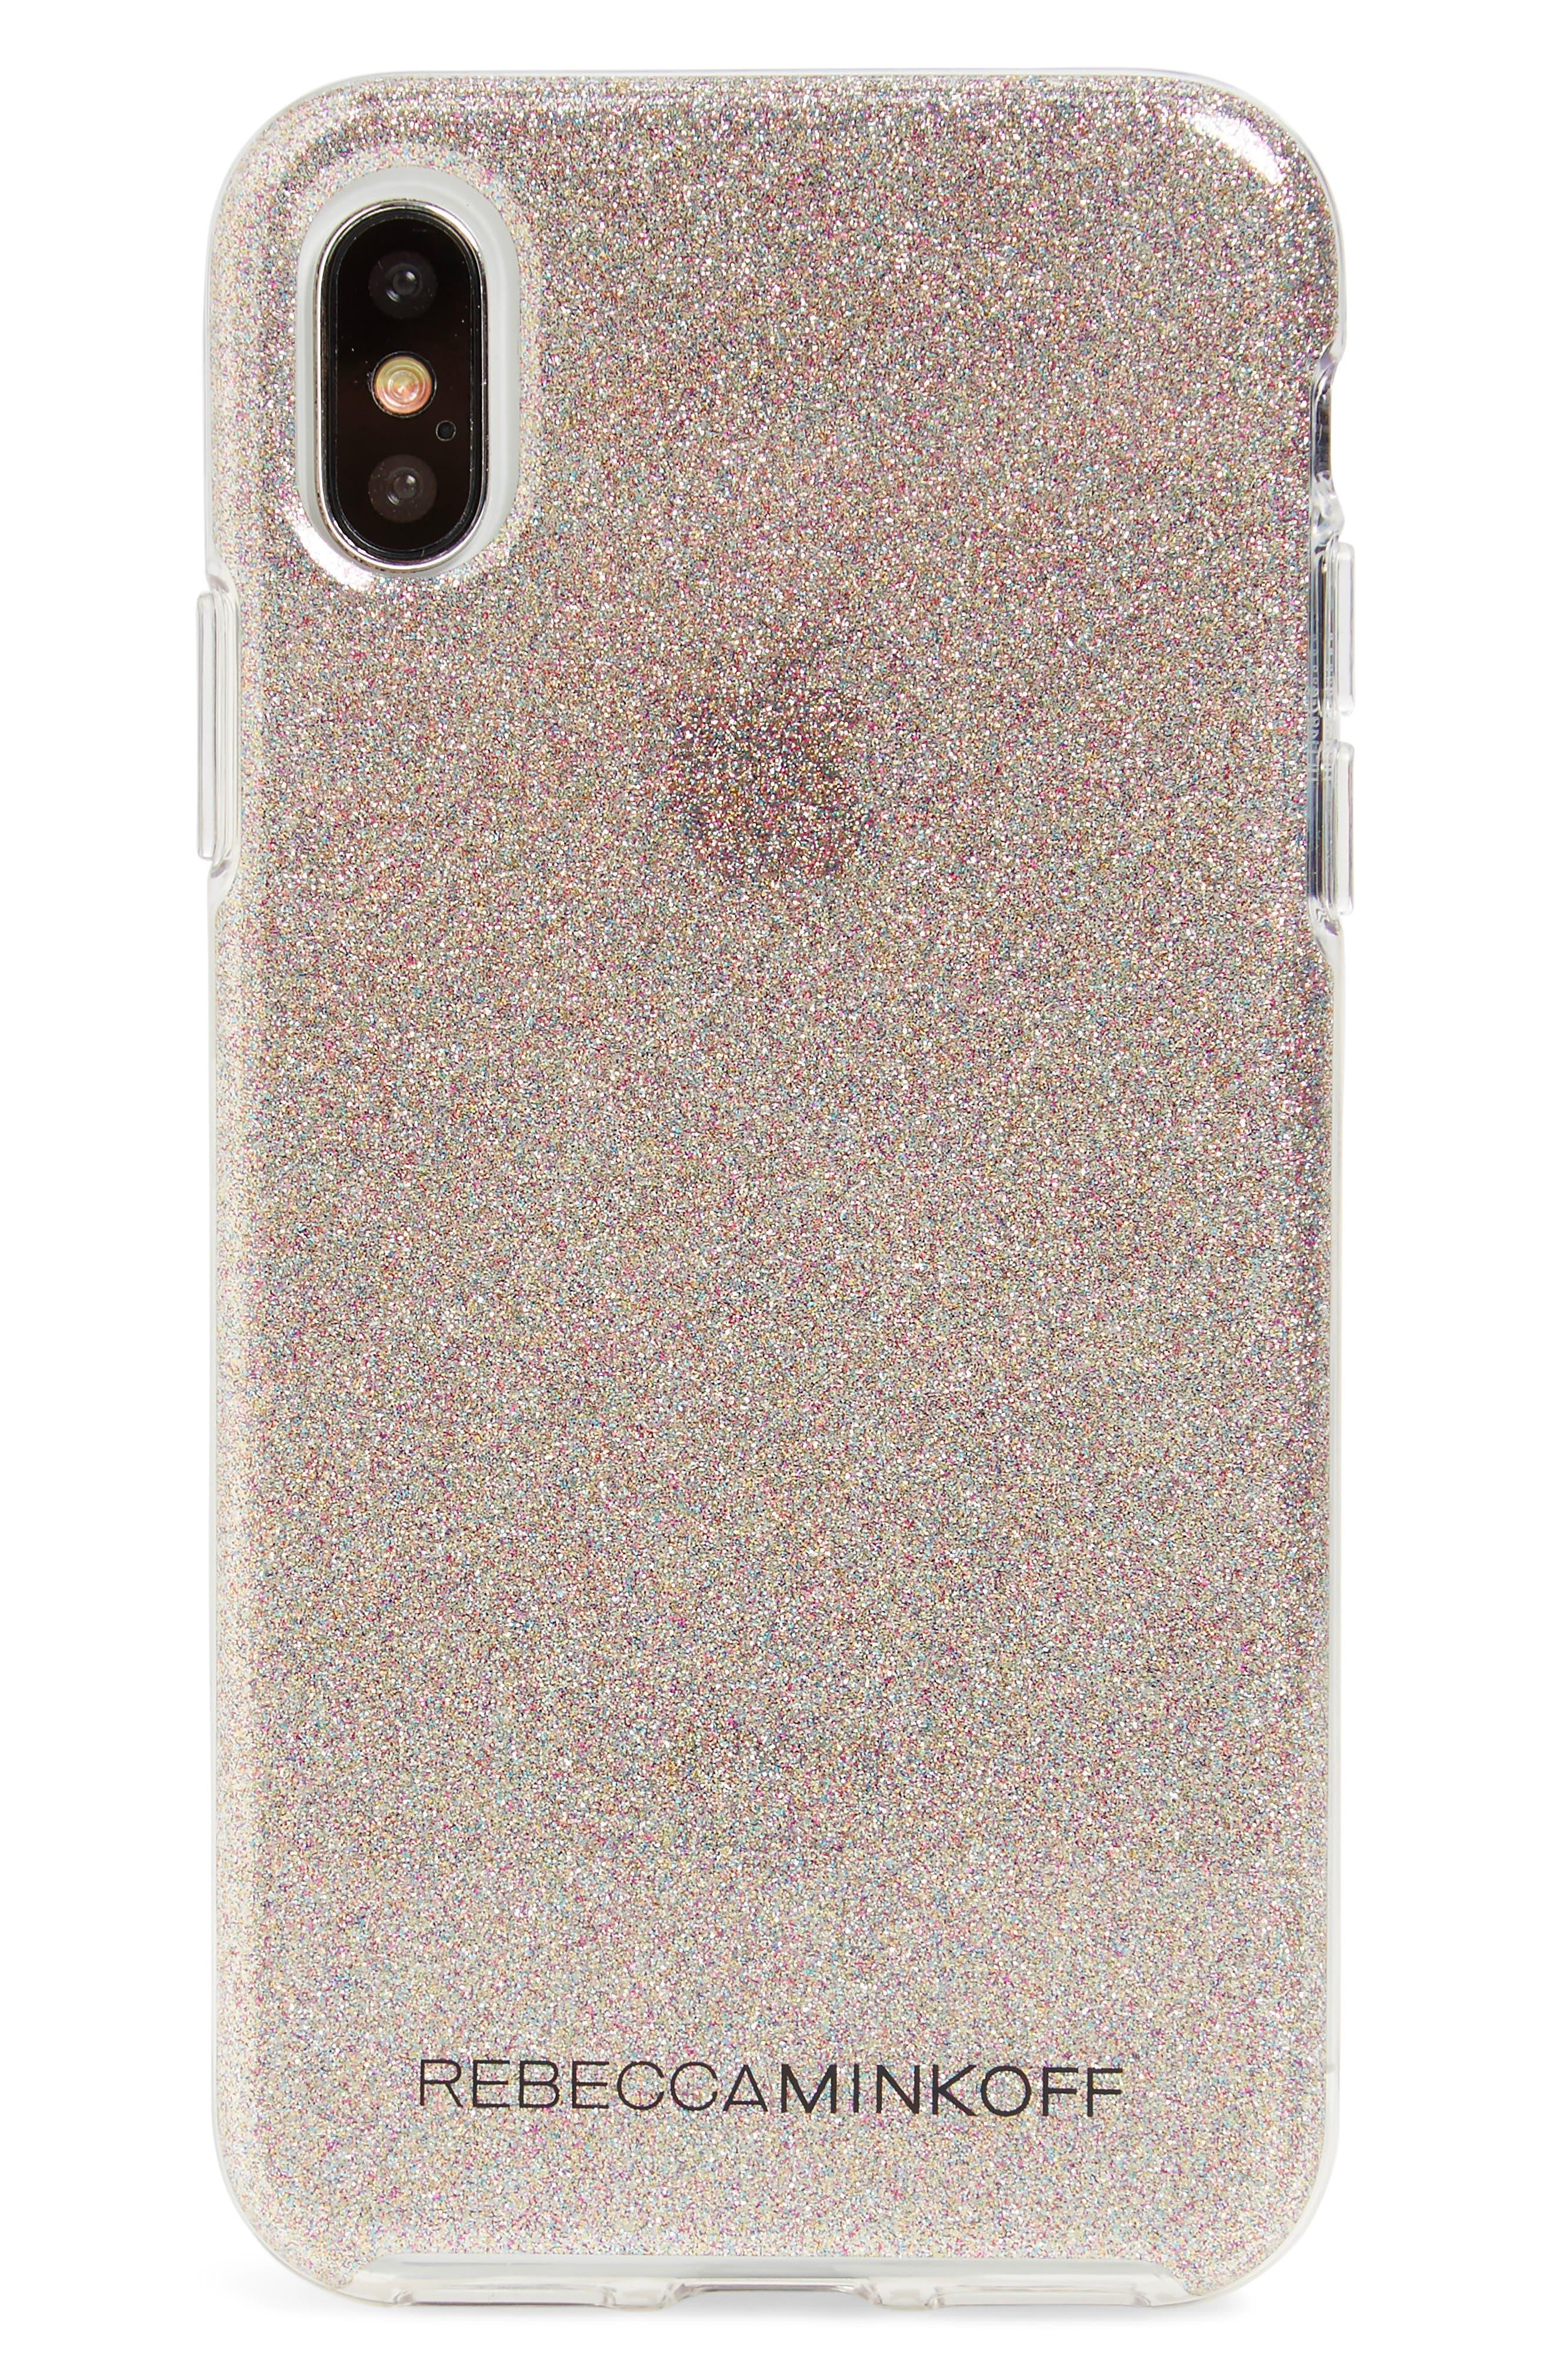 Rebecca Minkoff Be More Transparent iPhone X Case